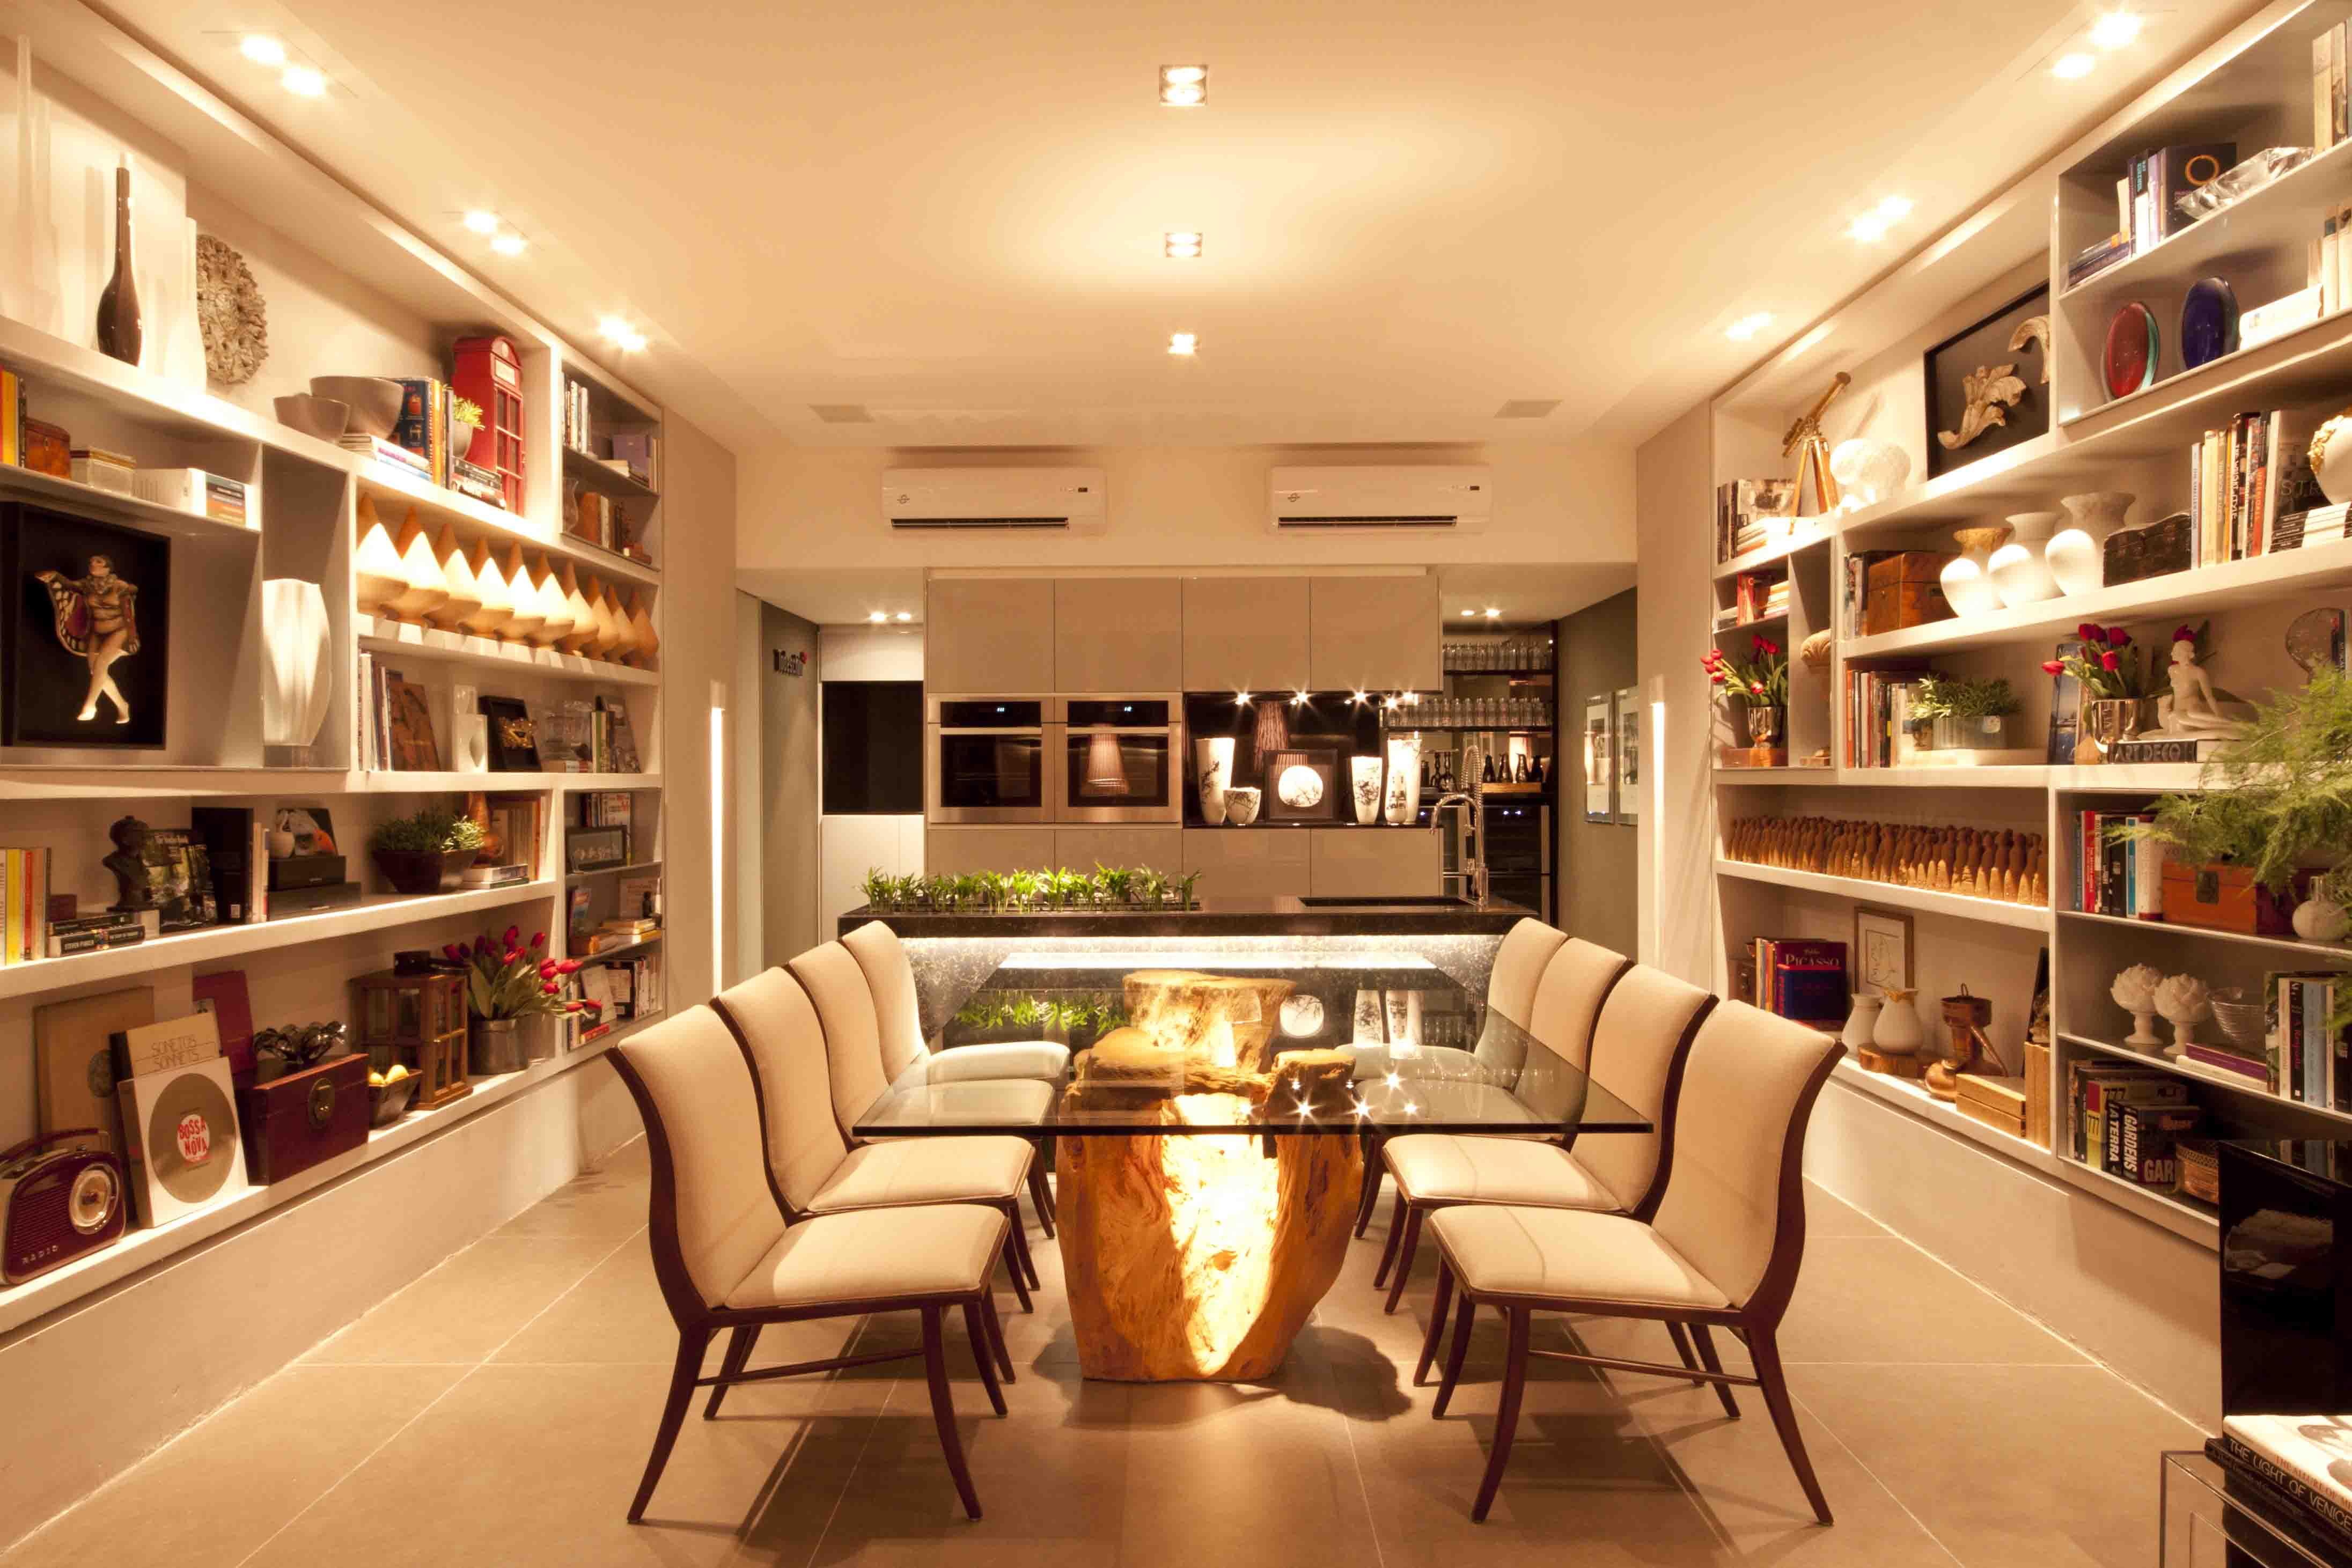 do lounge visualizamos a bancada em silestone com cuba esculpida #BD8A0E 4384x2923 Banheiro Com Bancada De Silestone